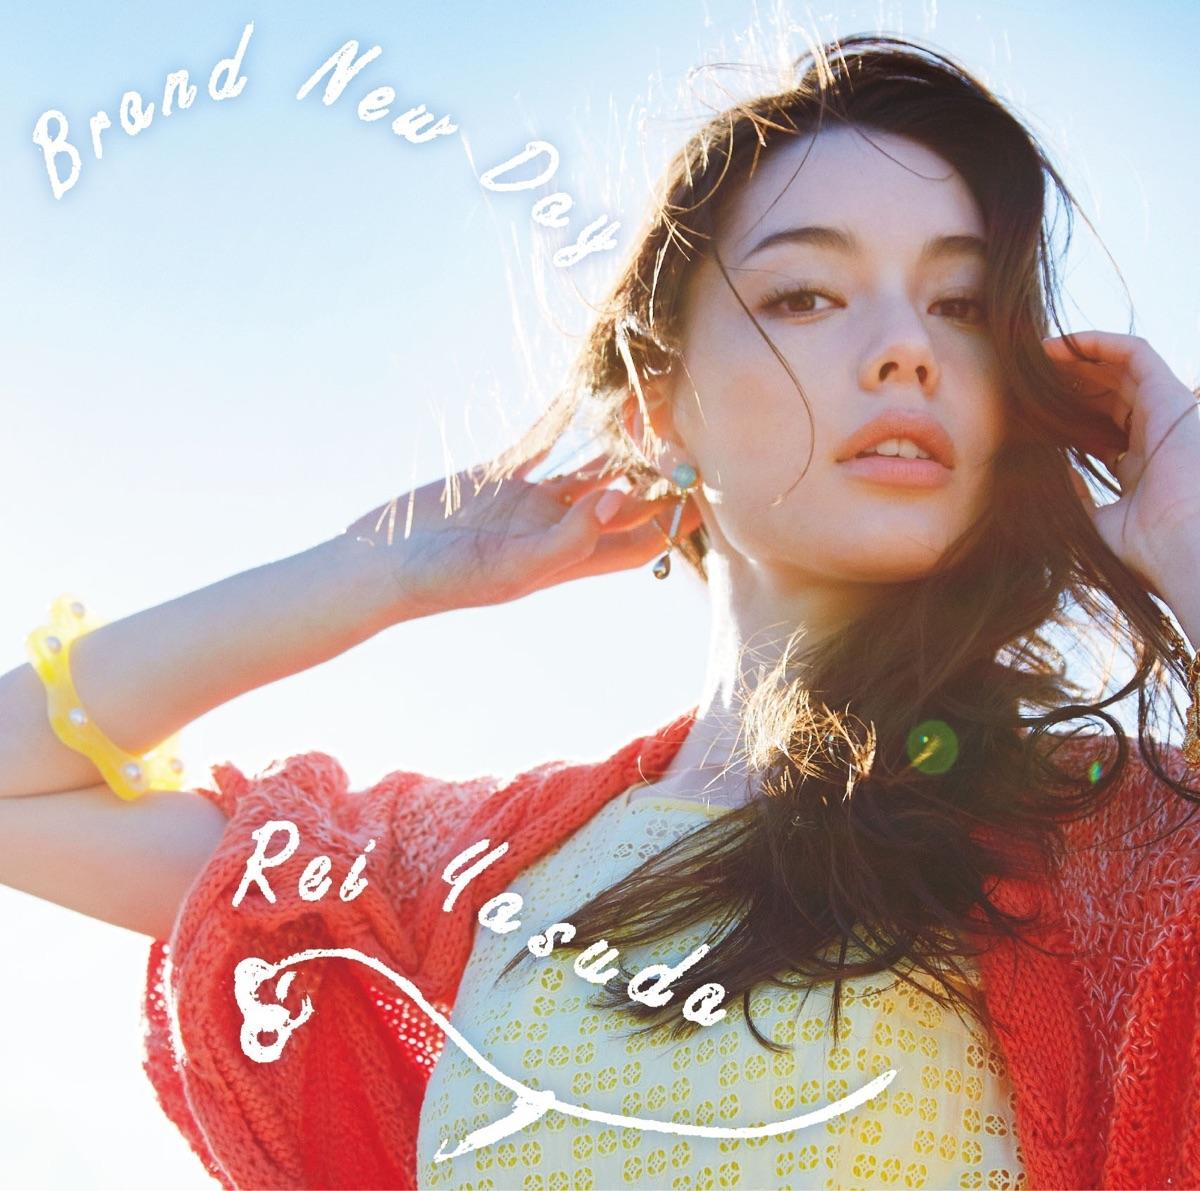 『安田レイ - Brand New Day』収録の『Brand New Day』ジャケット